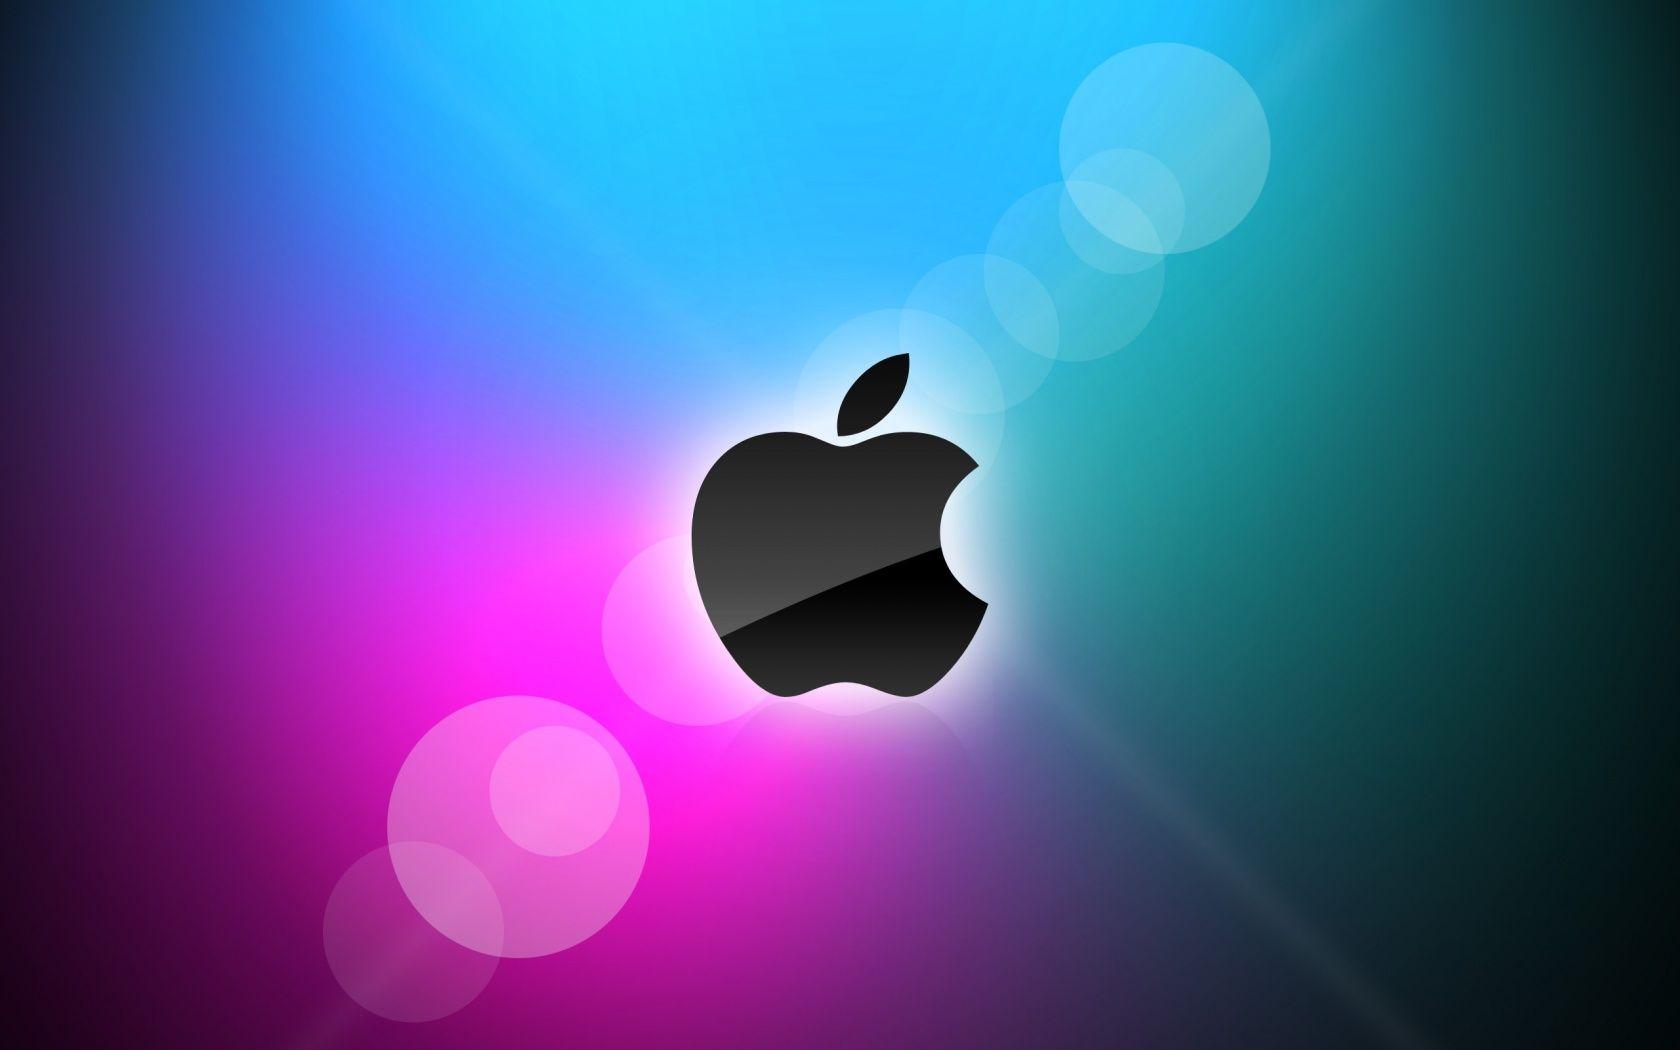 Beautiful Wallpaper Macbook Purple - 534c36ebccc1d0bad61832f1f2b7eb7a  Snapshot_563839.jpg